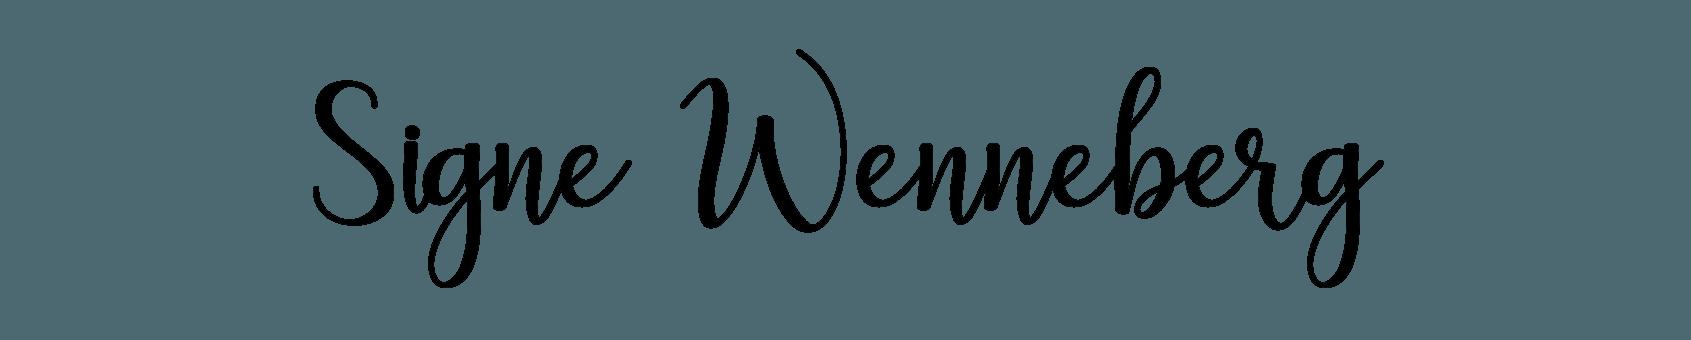 Mine fem nemme grønne hverdagstips   Signe Wenneberg